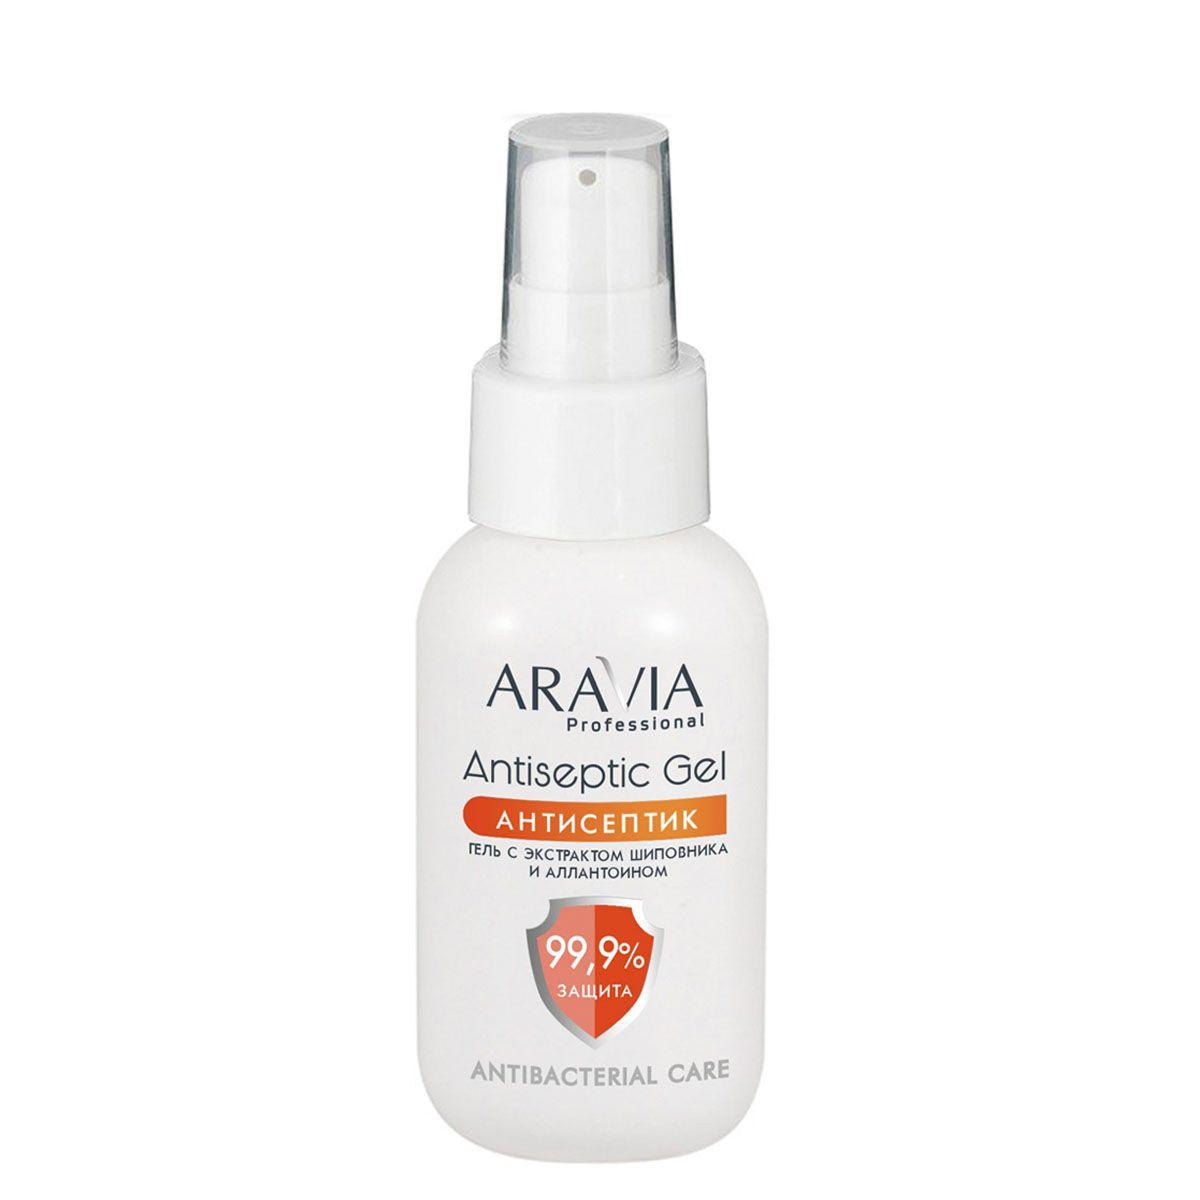 ARAVIA Гель-антисептик для рук с экстрактом шиповника и аллантоином / Antiseptic Gel 50 мл.